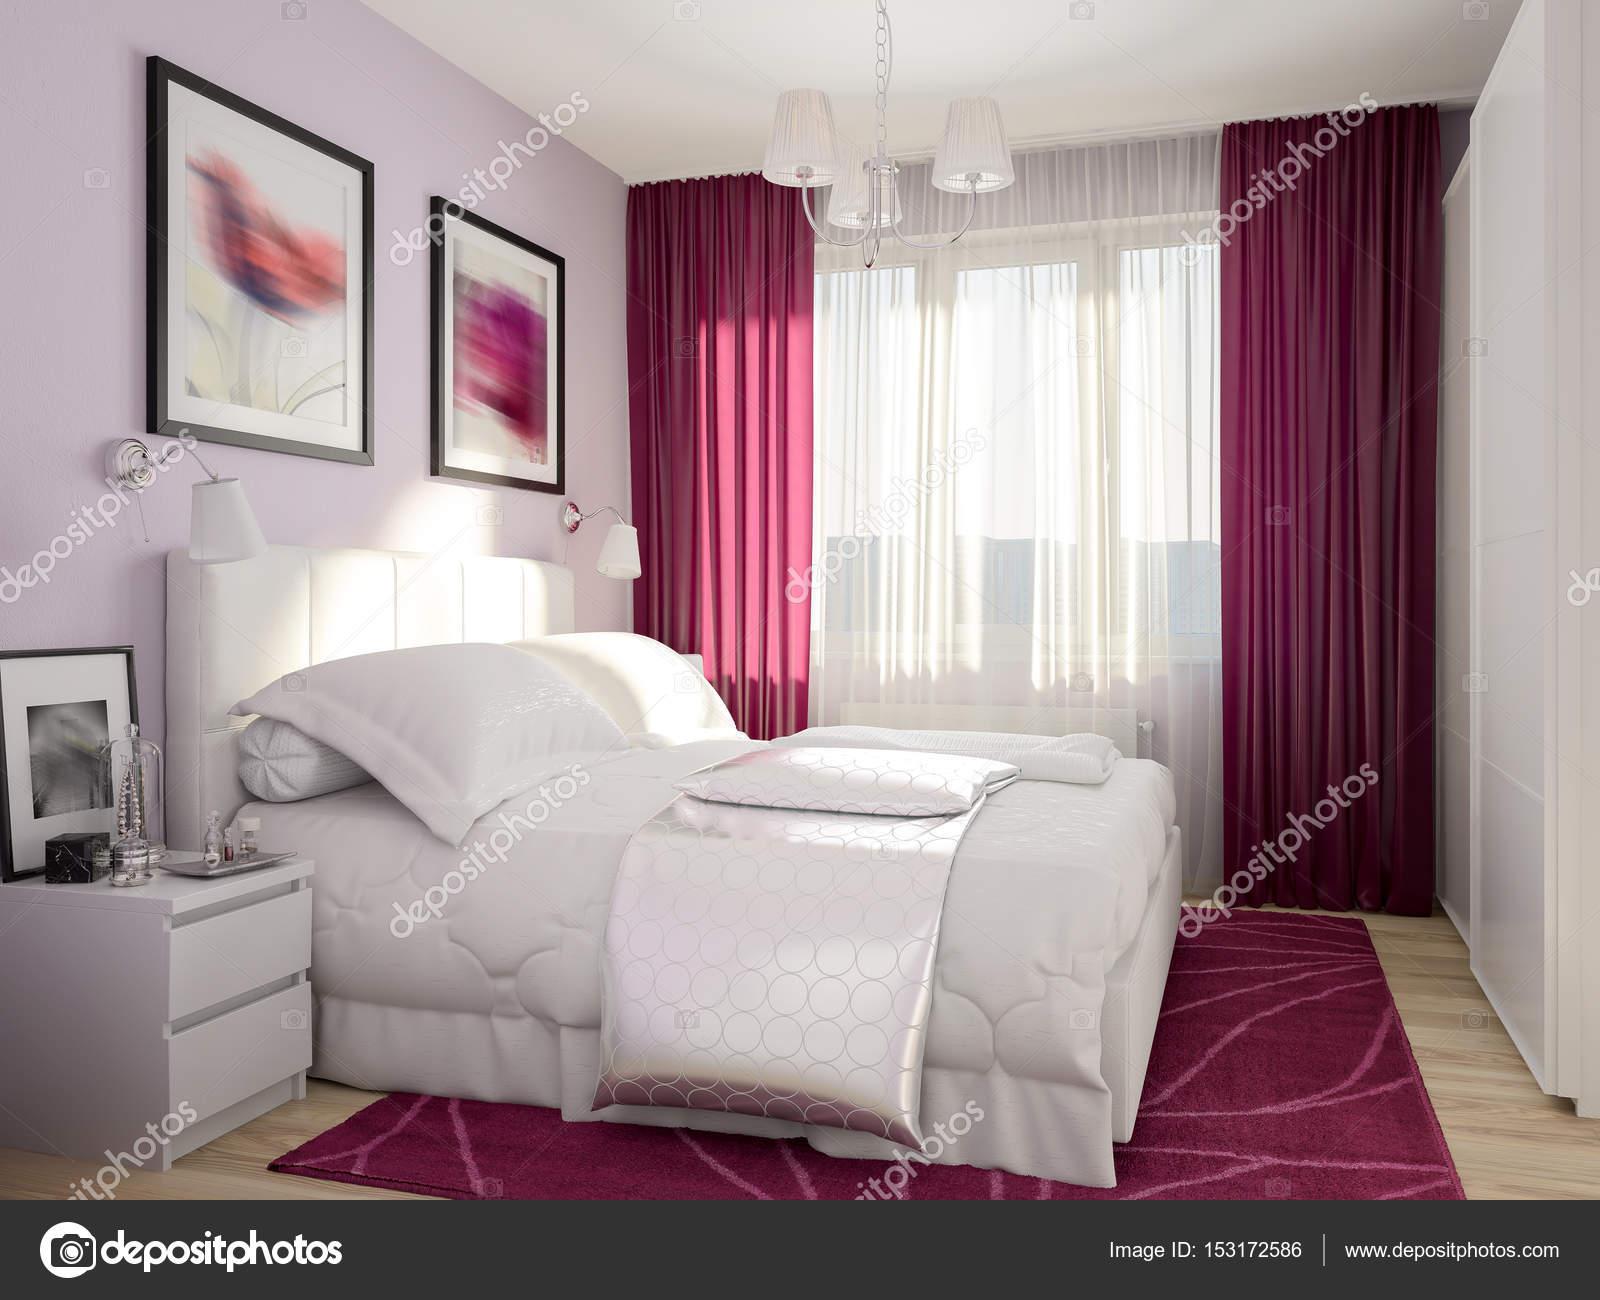 Rban zeitgenössische Moderne Schlafzimmer-Innenarchitektur ...